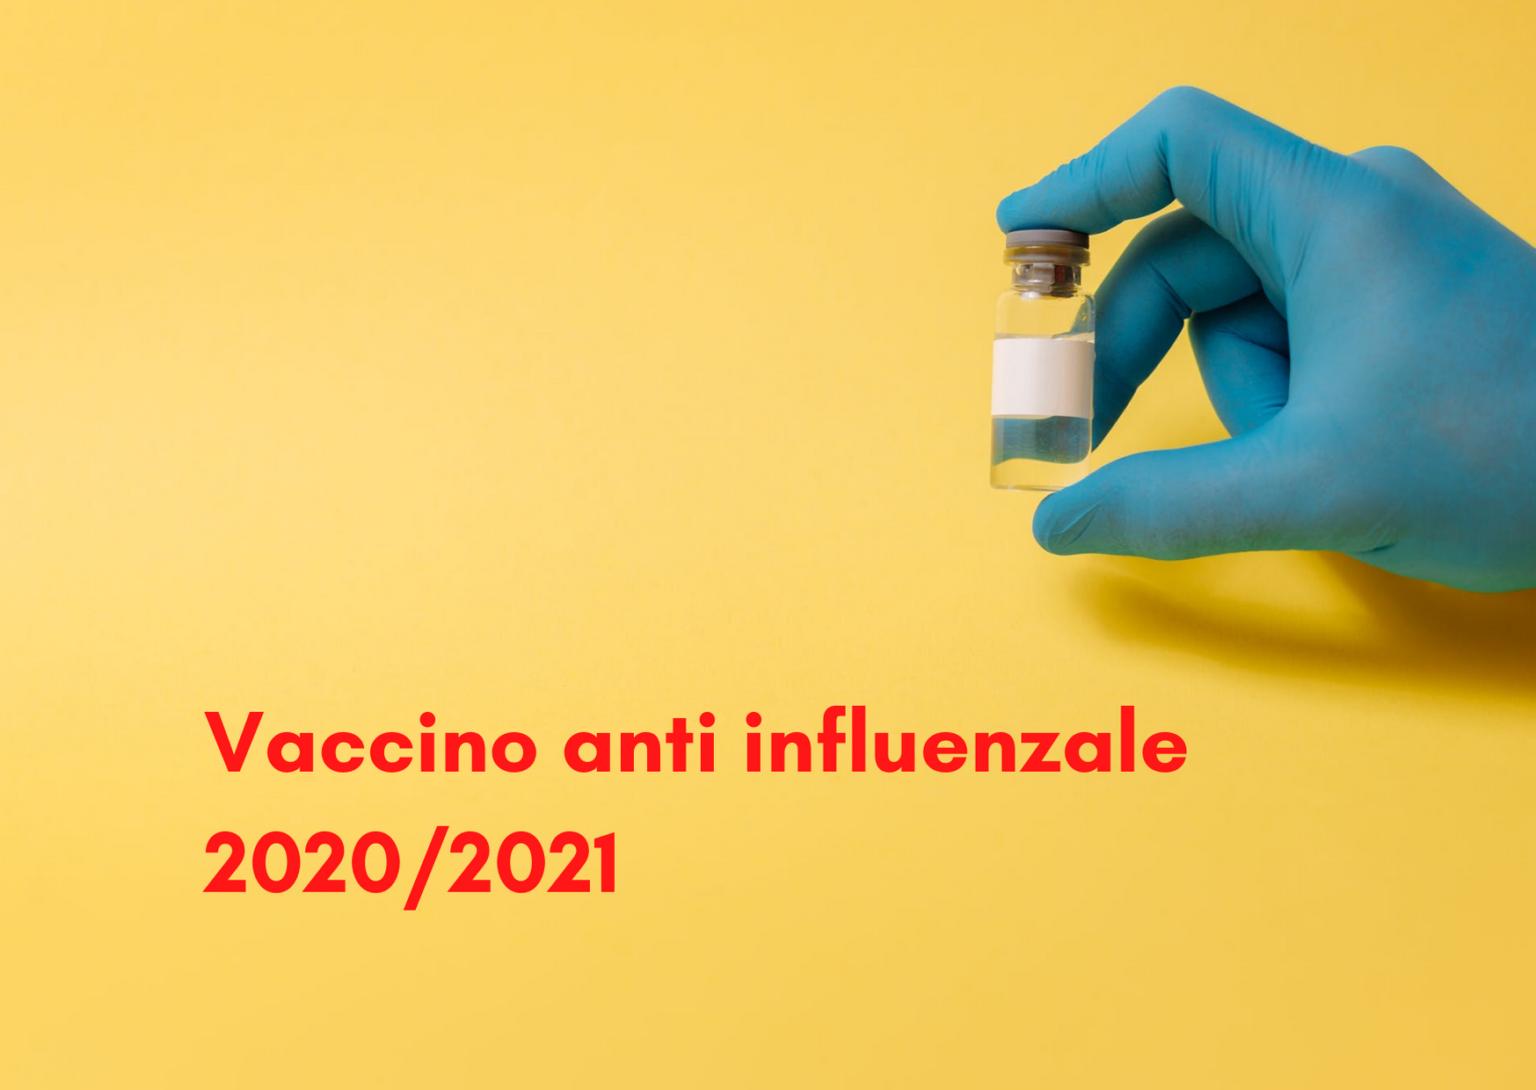 La vaccinazione anti influenzale stagione 2020/2021 ai Donatori di sangue